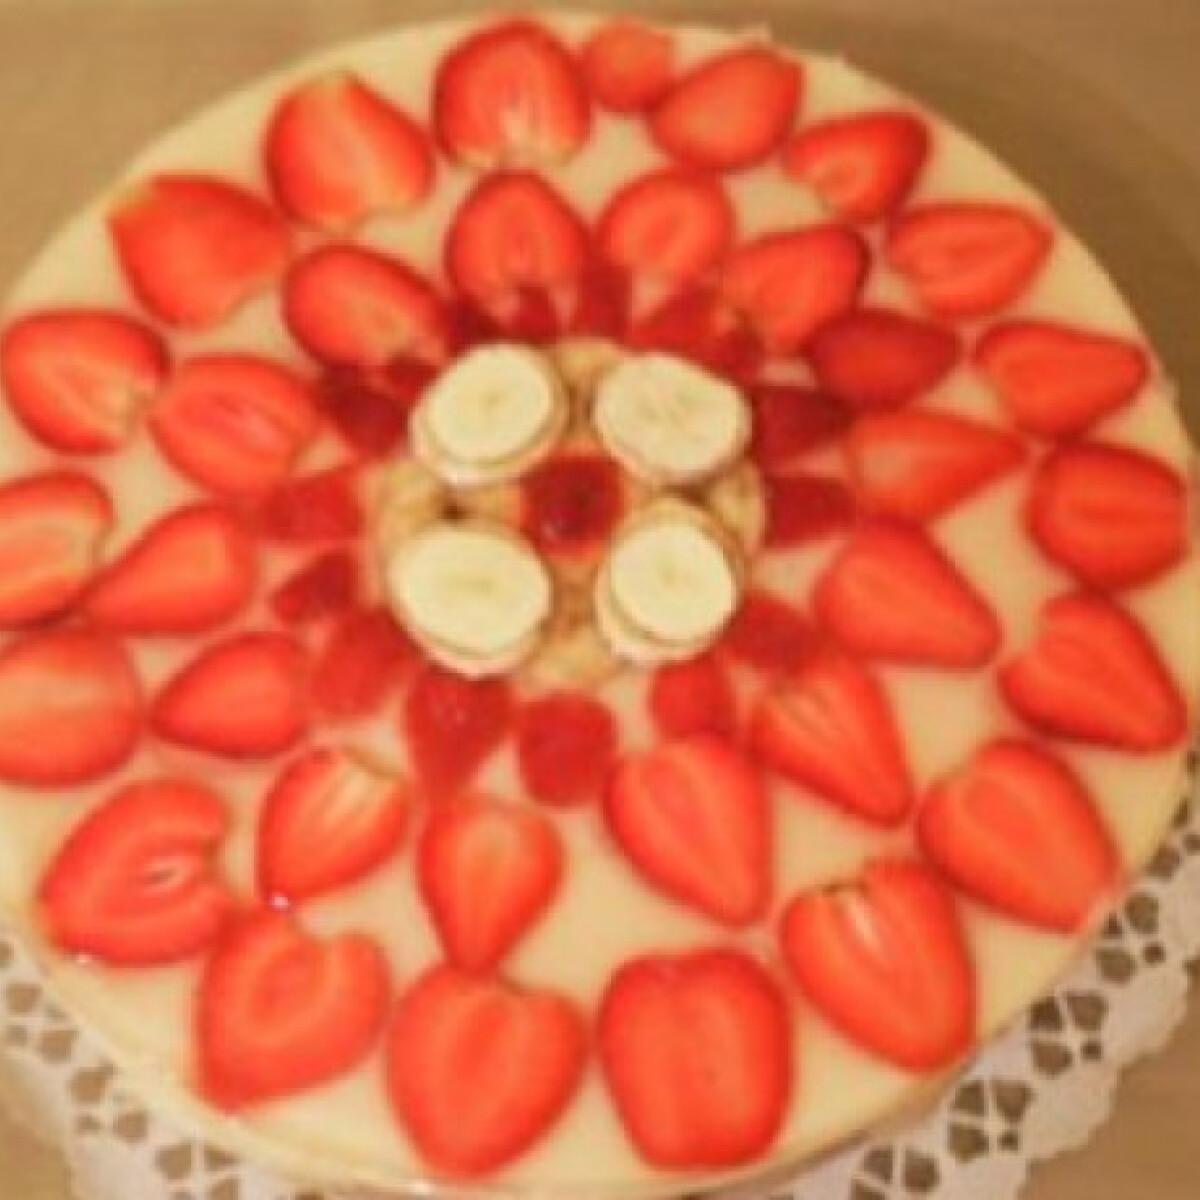 Ezen a képen: Darakrémes gyümölcstorta